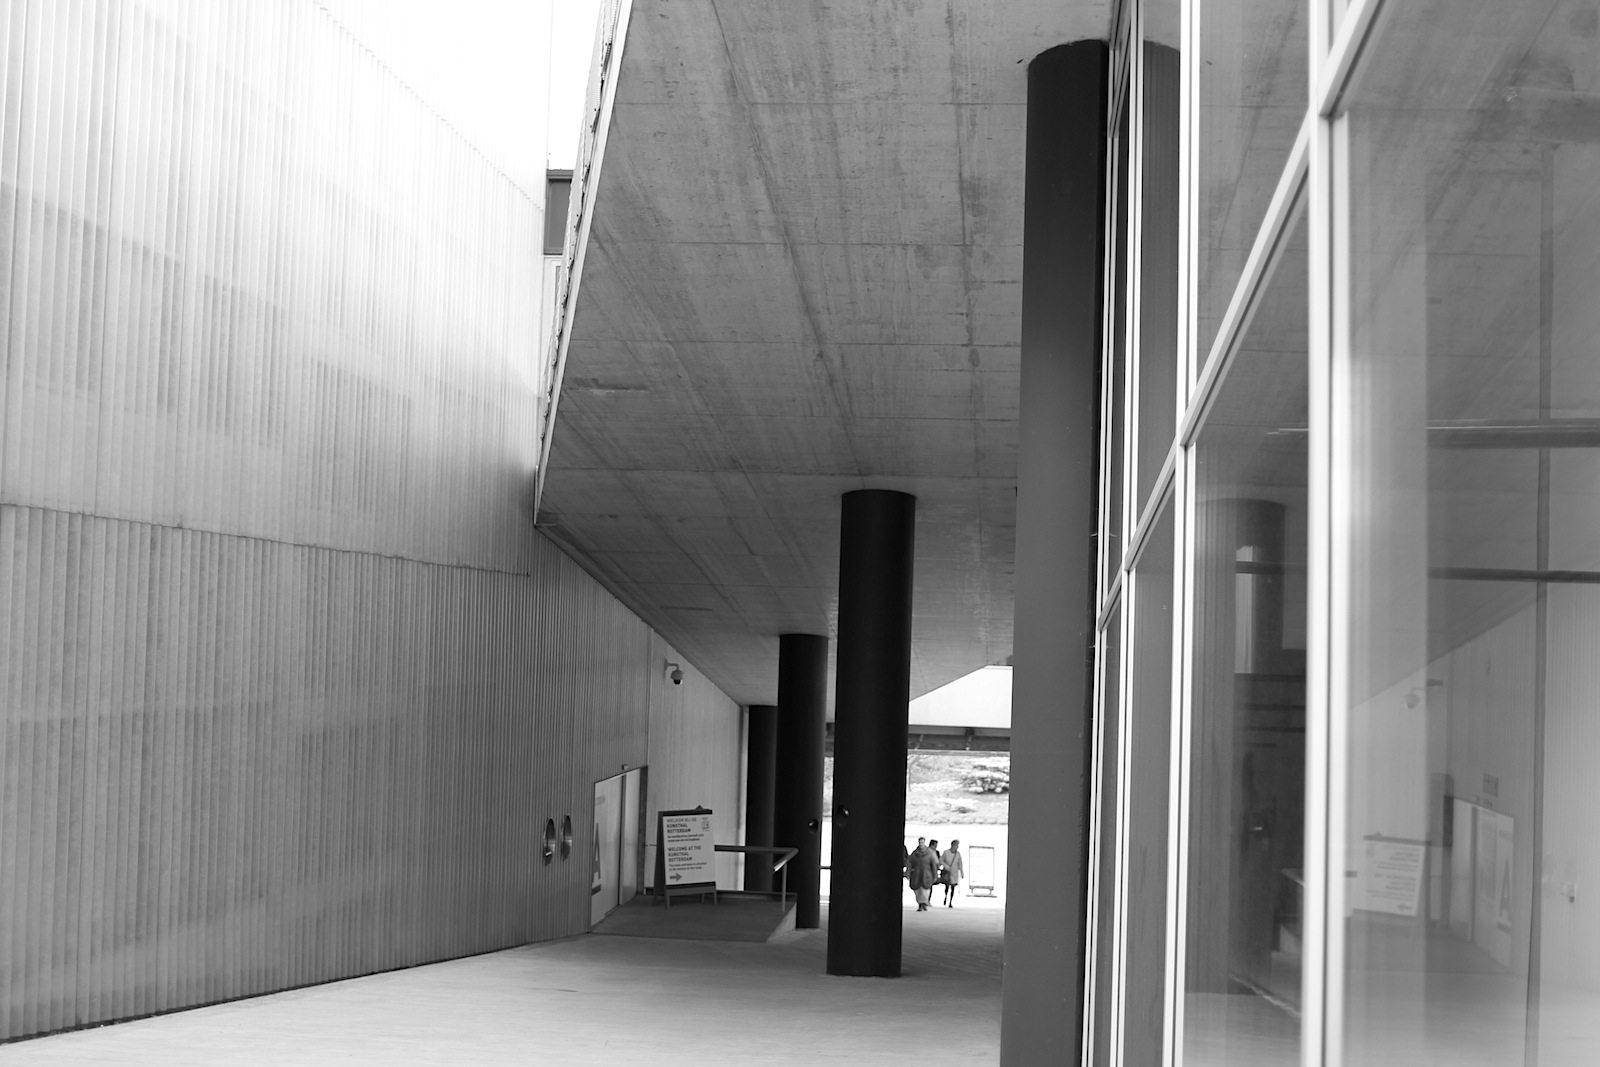 Maximalkultur an der maas rotterdam niederlande the for Architektur rampe